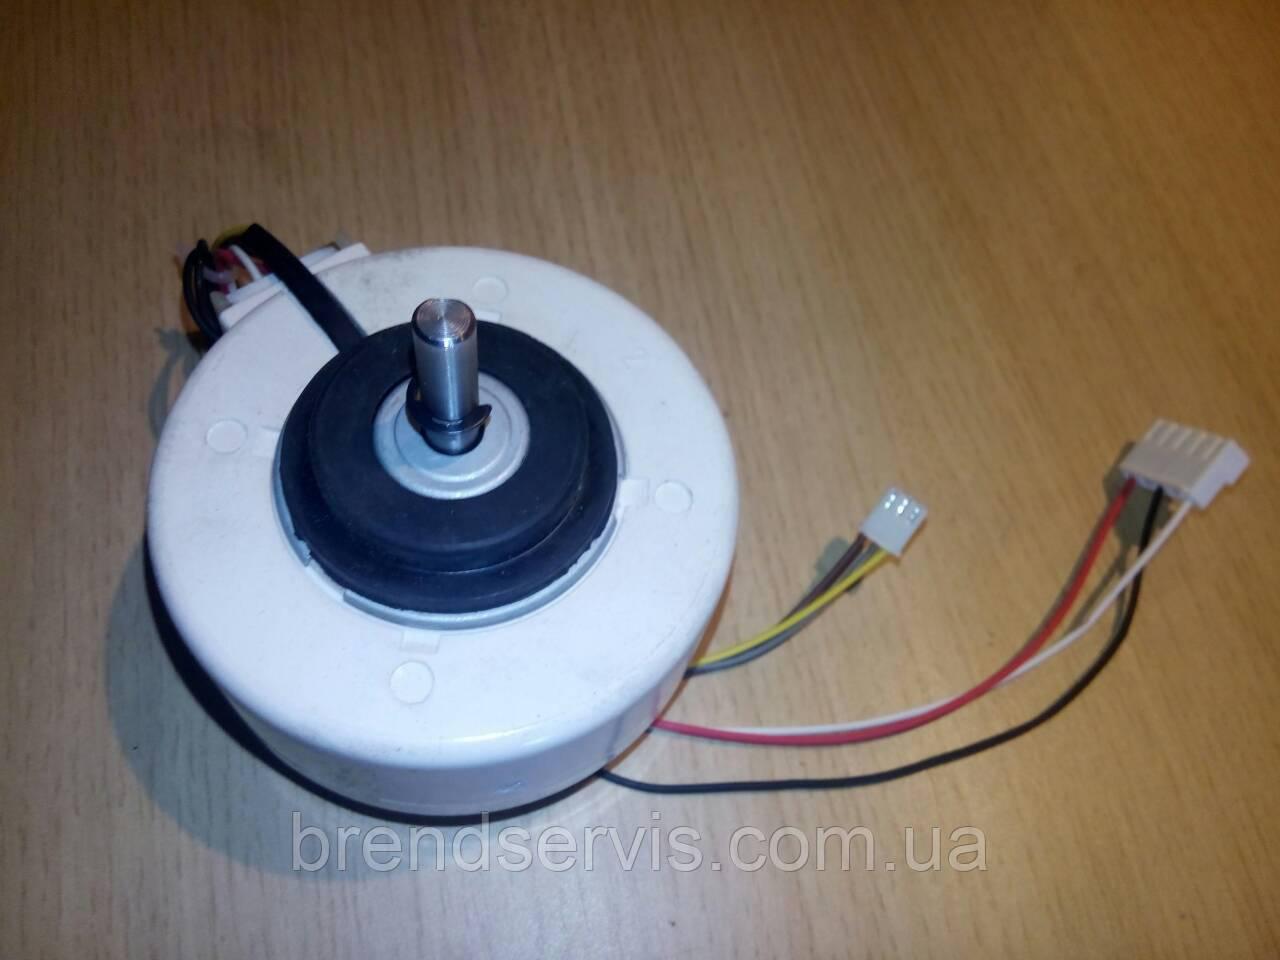 Мотор внутрішнього блоку для кондиціонера